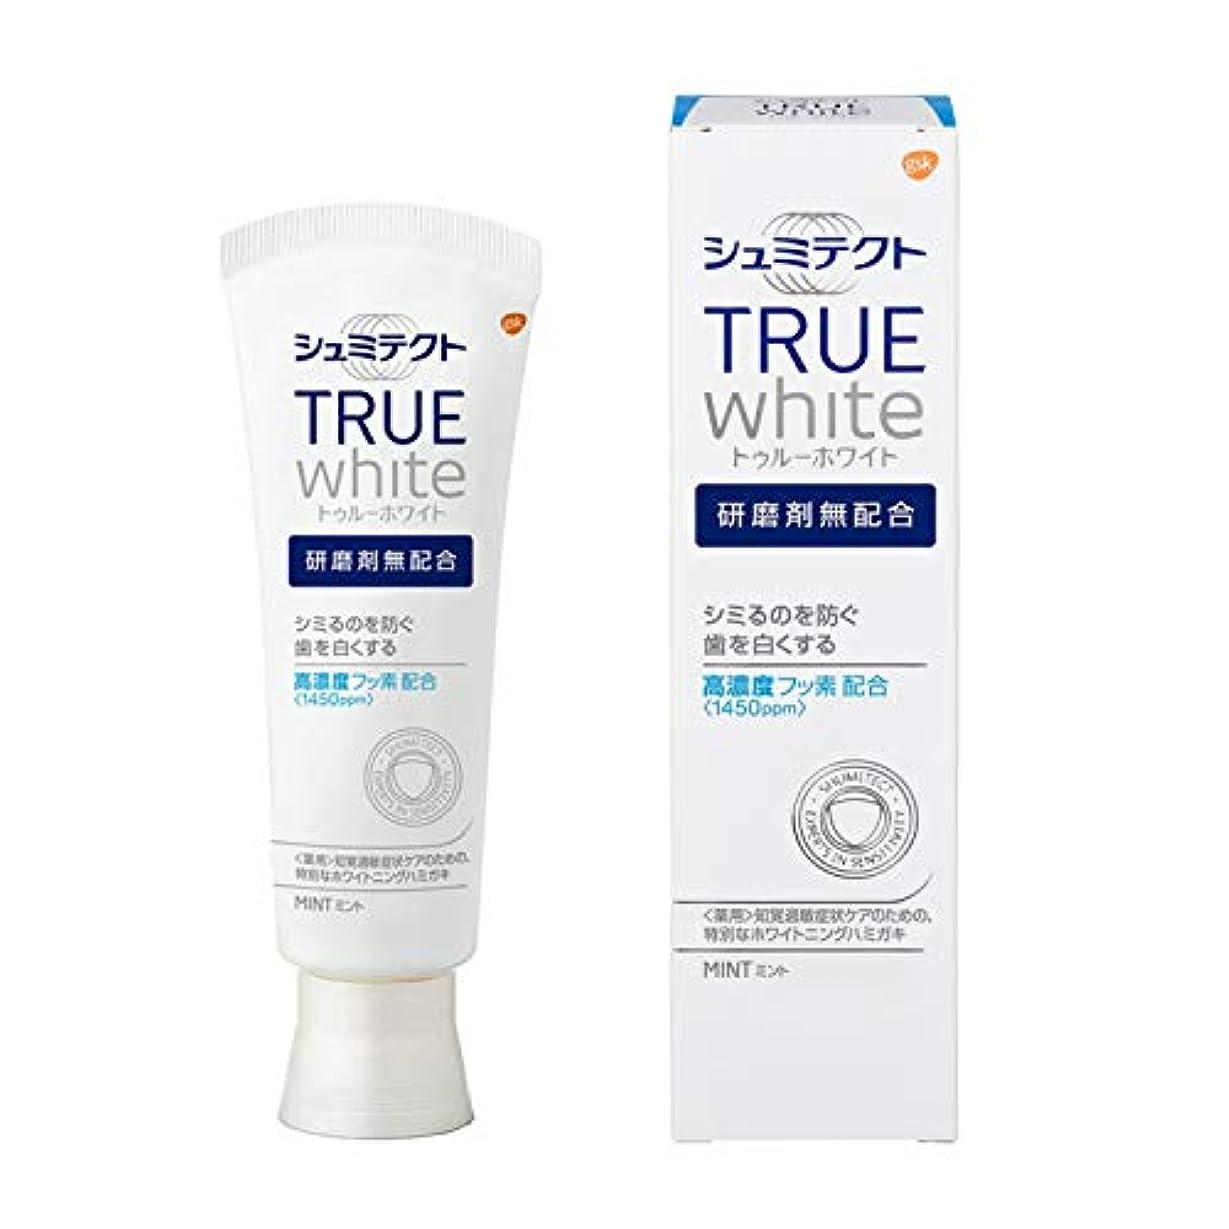 穏やかな微視的求める[医薬部外品]薬用シュミテクト トゥルーホワイト 研磨剤無配合 知覚過敏予防  歯磨き粉 単品 80g